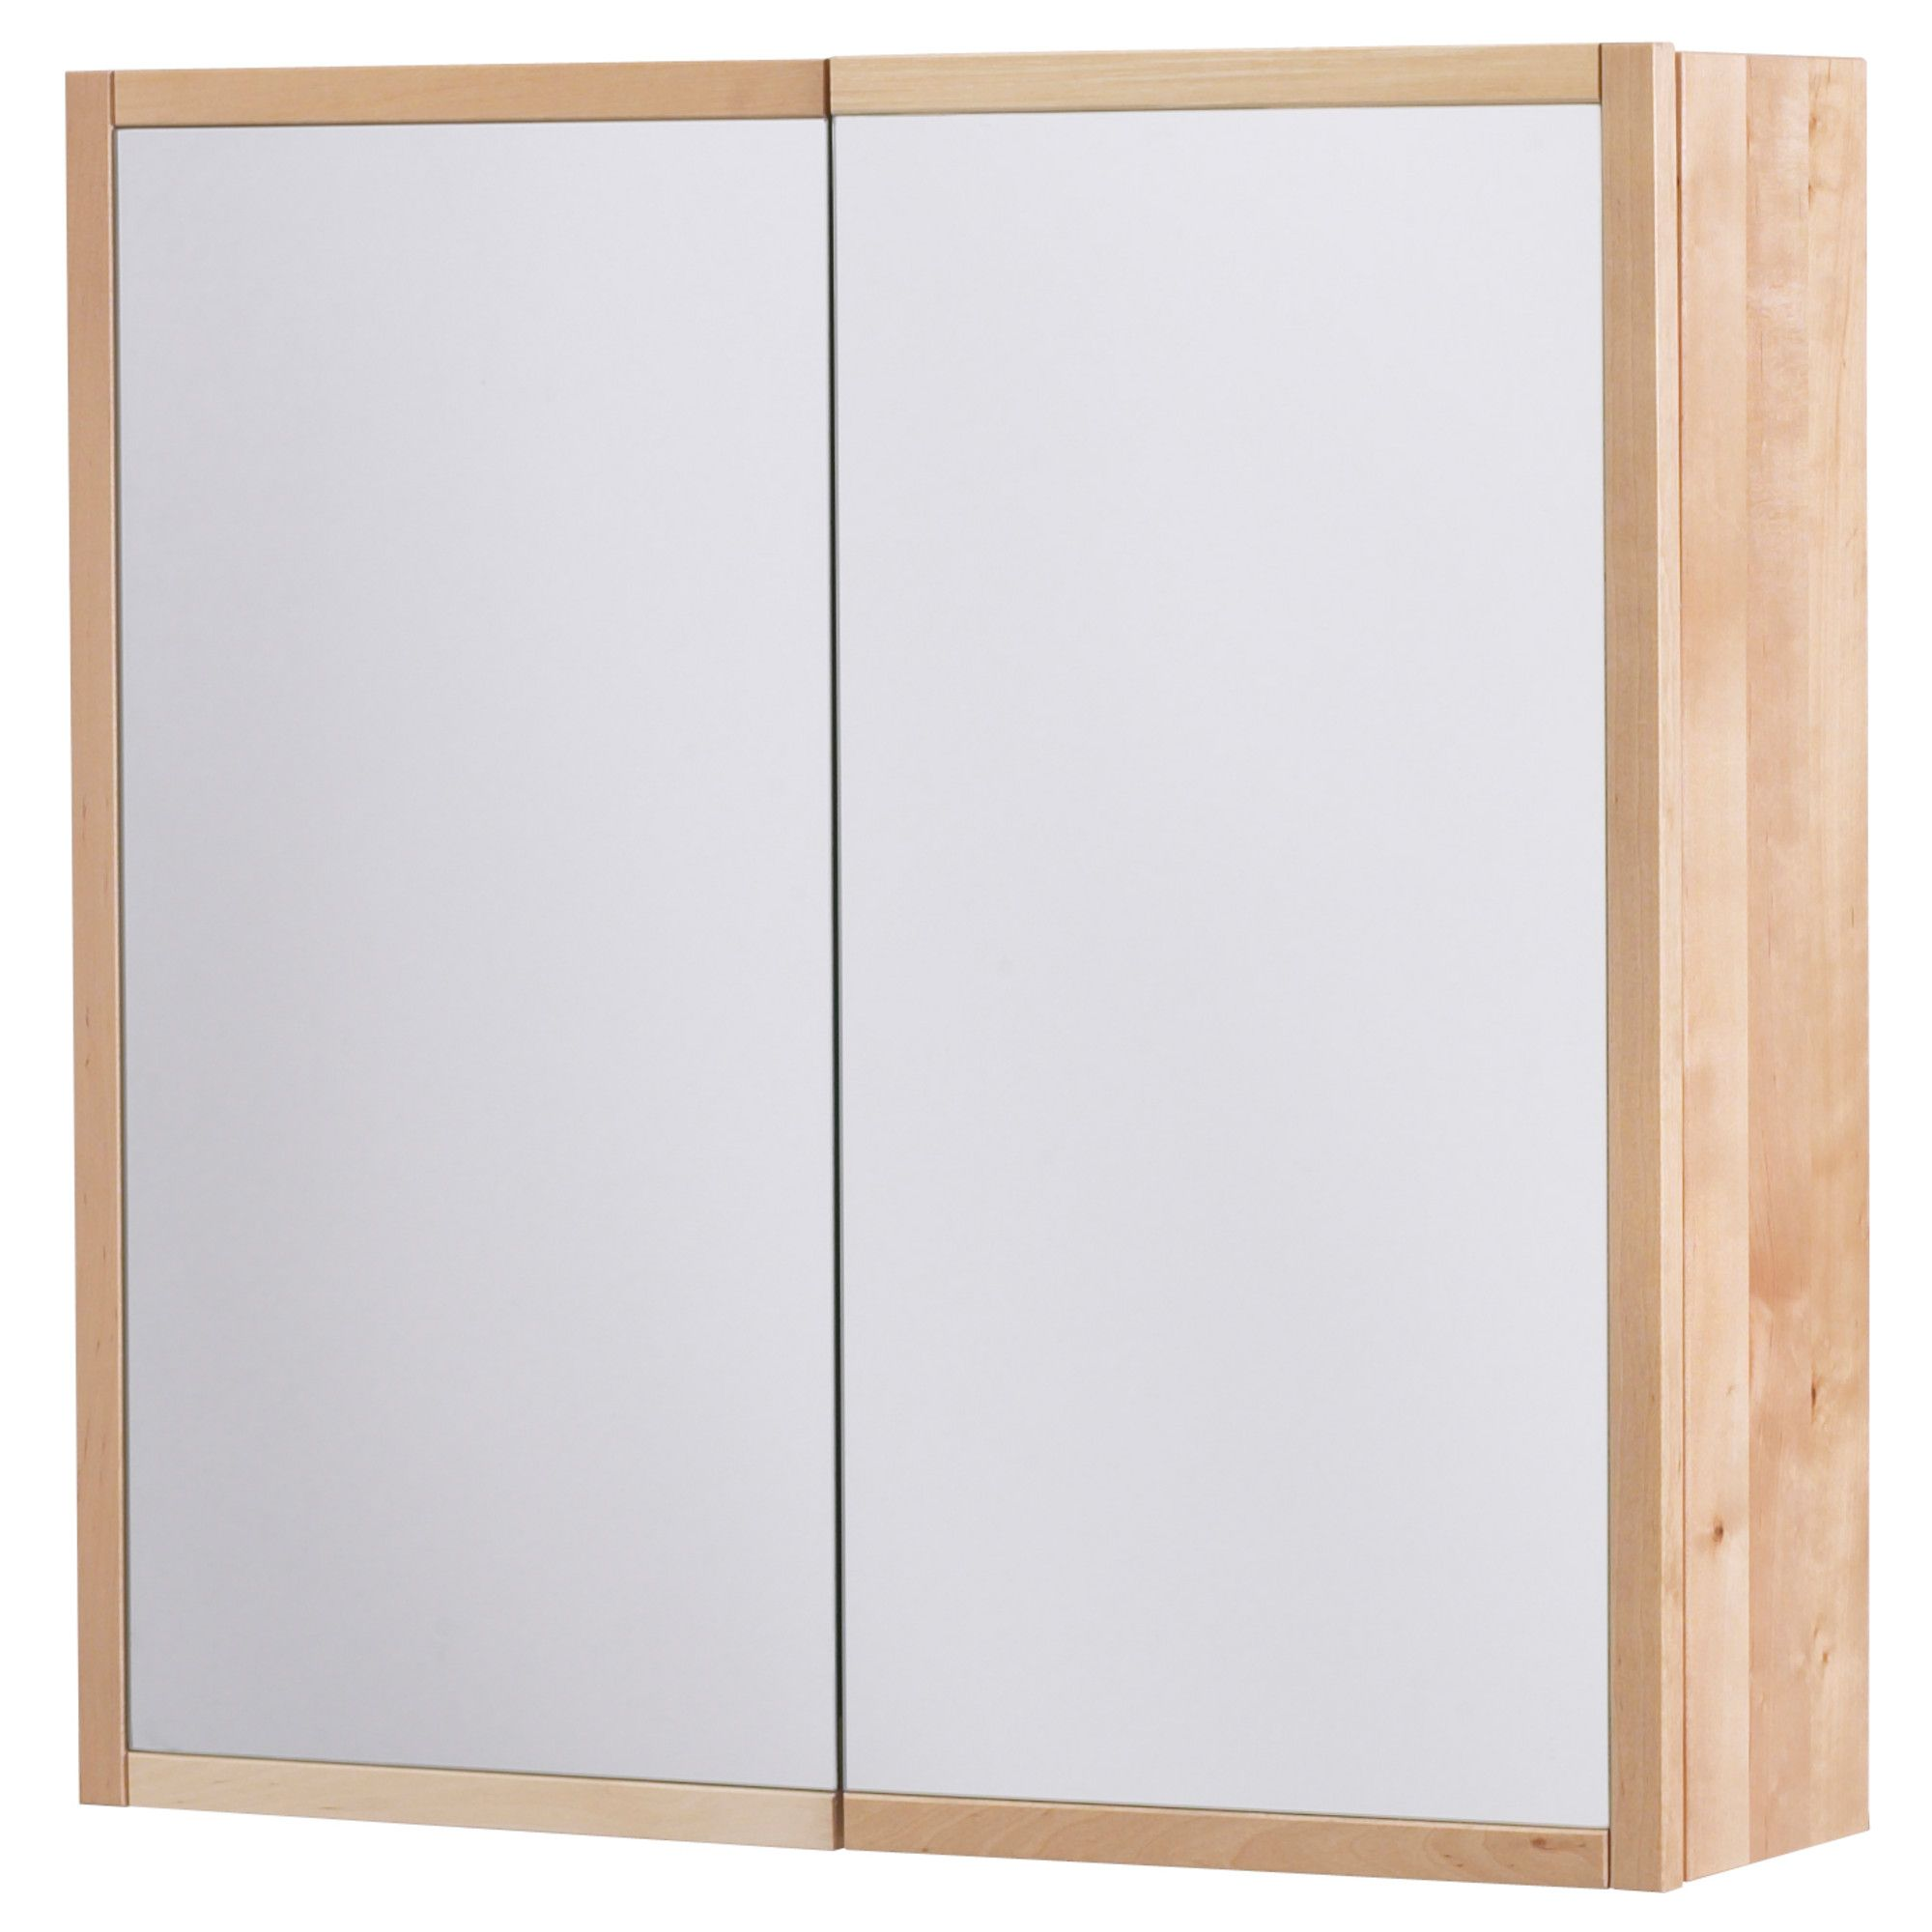 BJ–RKEN Mirror cabinet IKEA